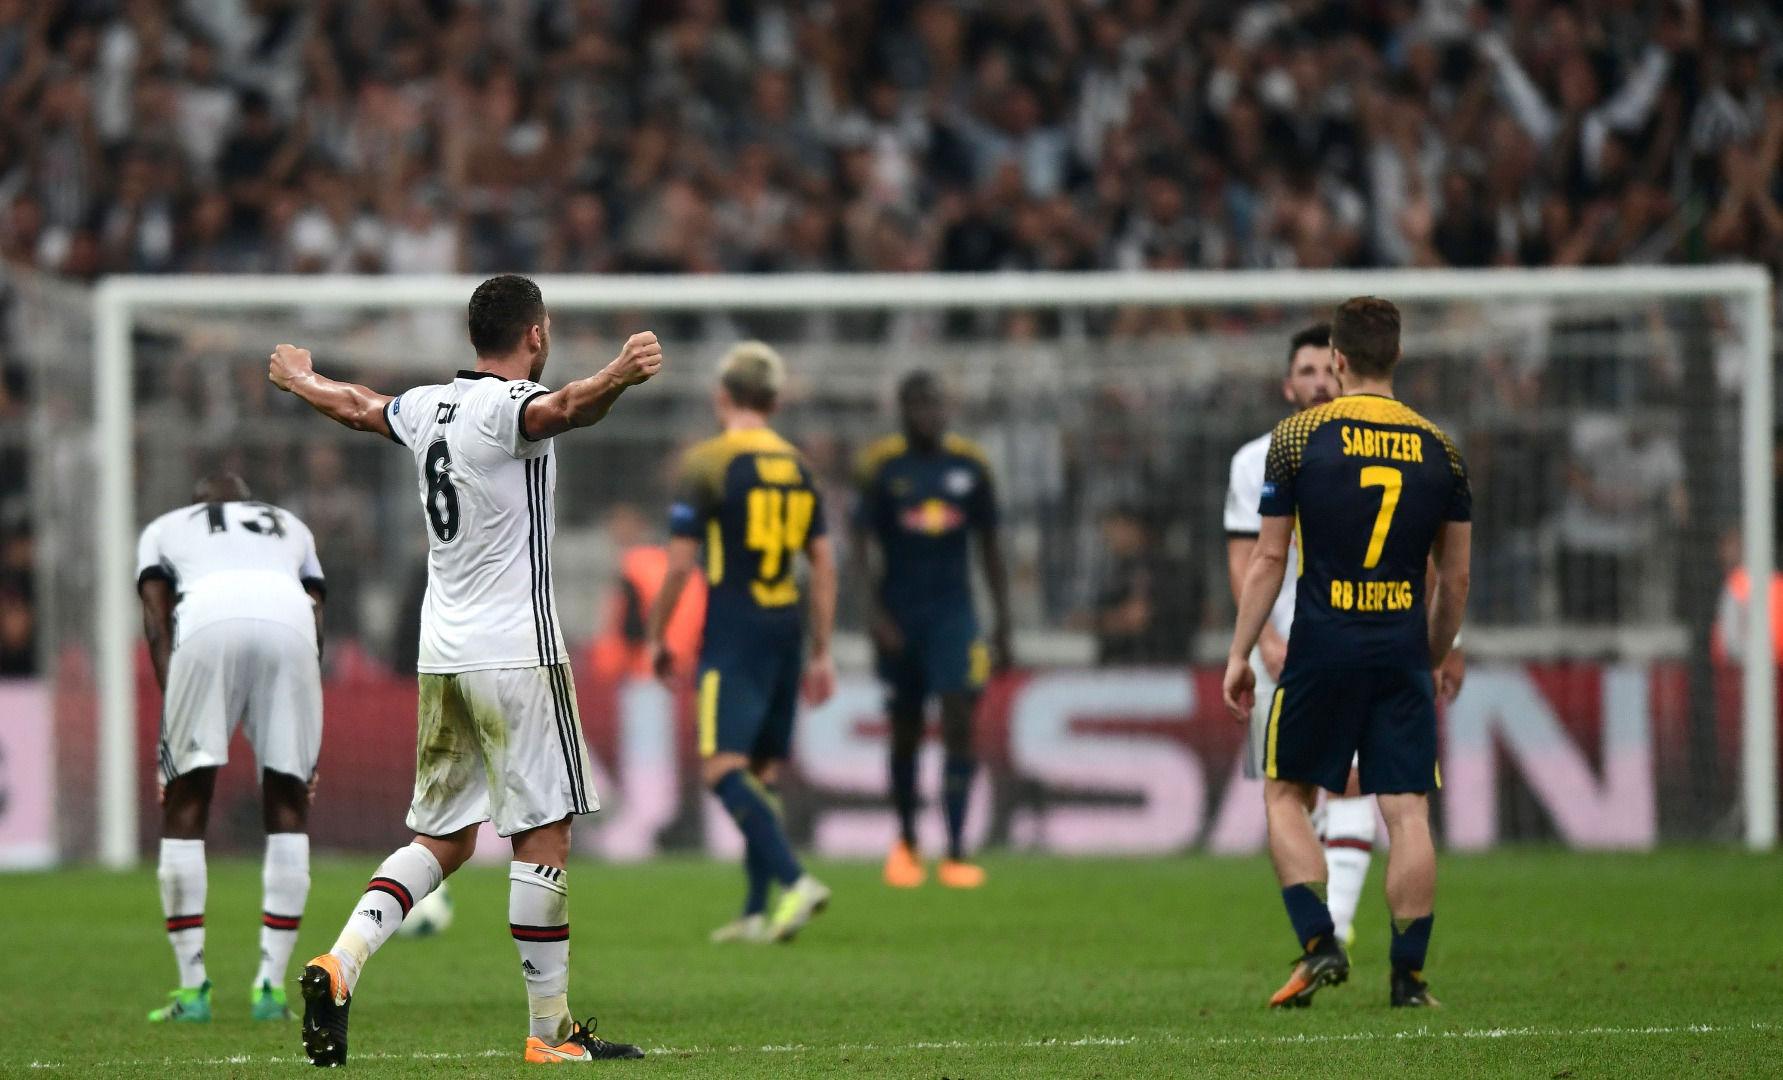 Avrupa basını Beşiktaş'ın Leipzig galibiyetini manşetlerine taşıdı!